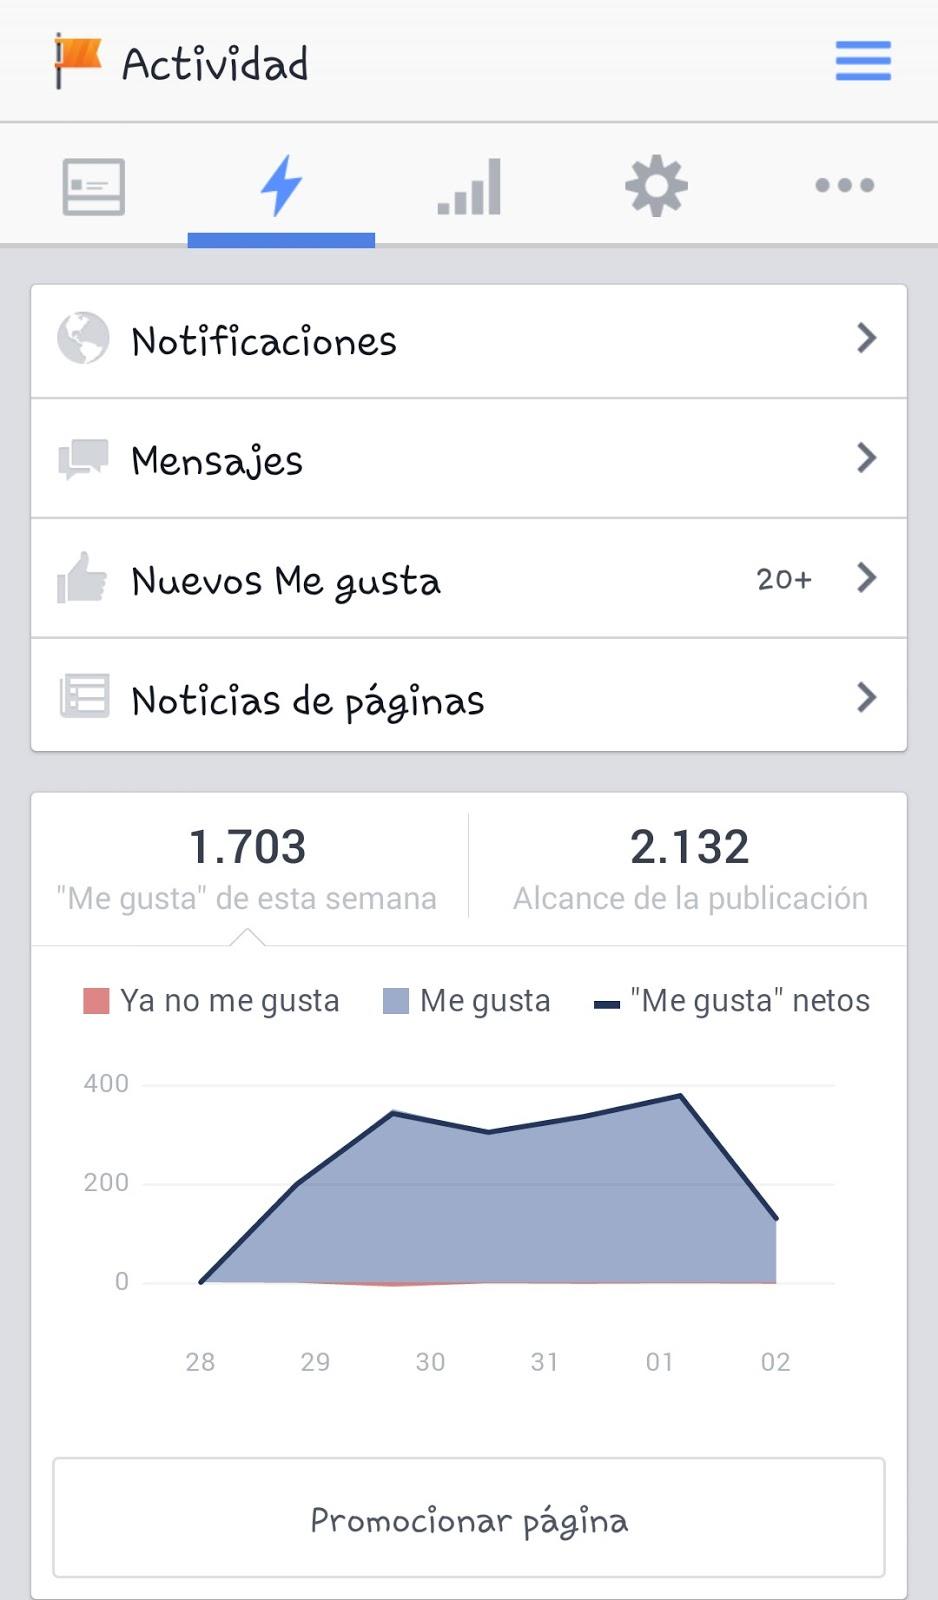 https://www.facebook.com/BlogdeIndiaMartinez?ref=bookmarks